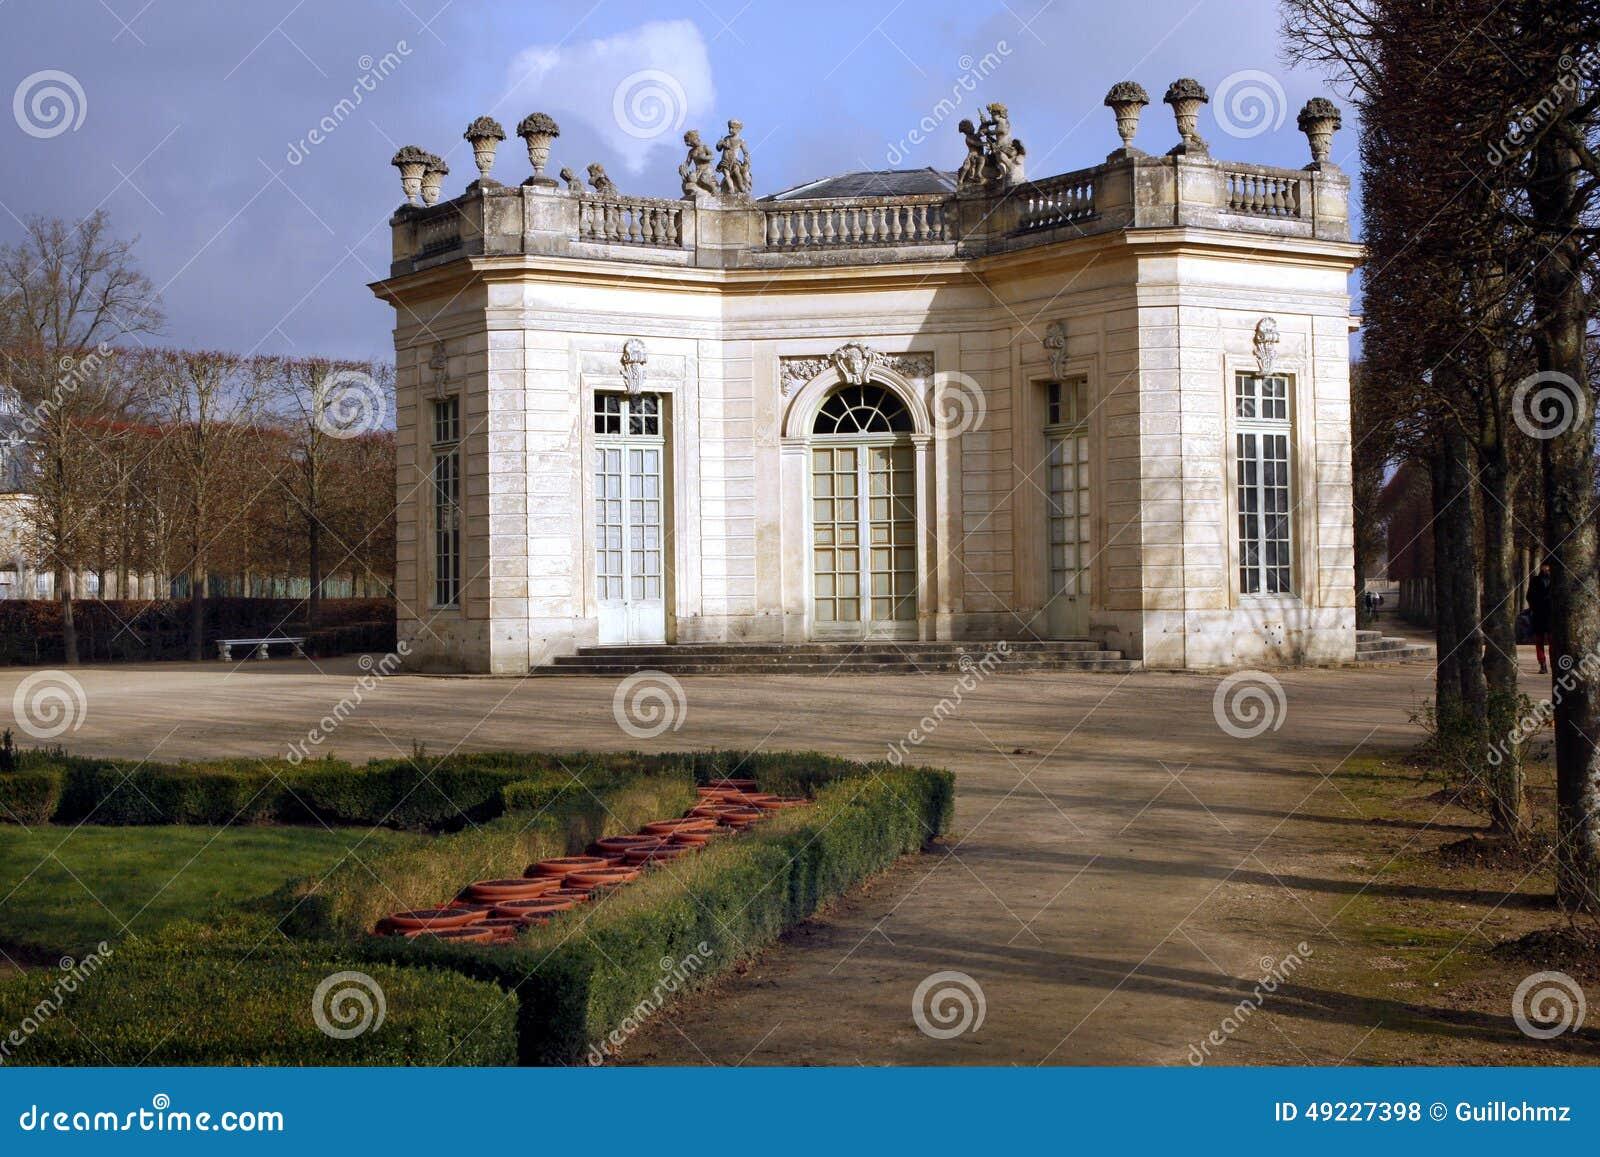 The Pavillon Français - Versailles